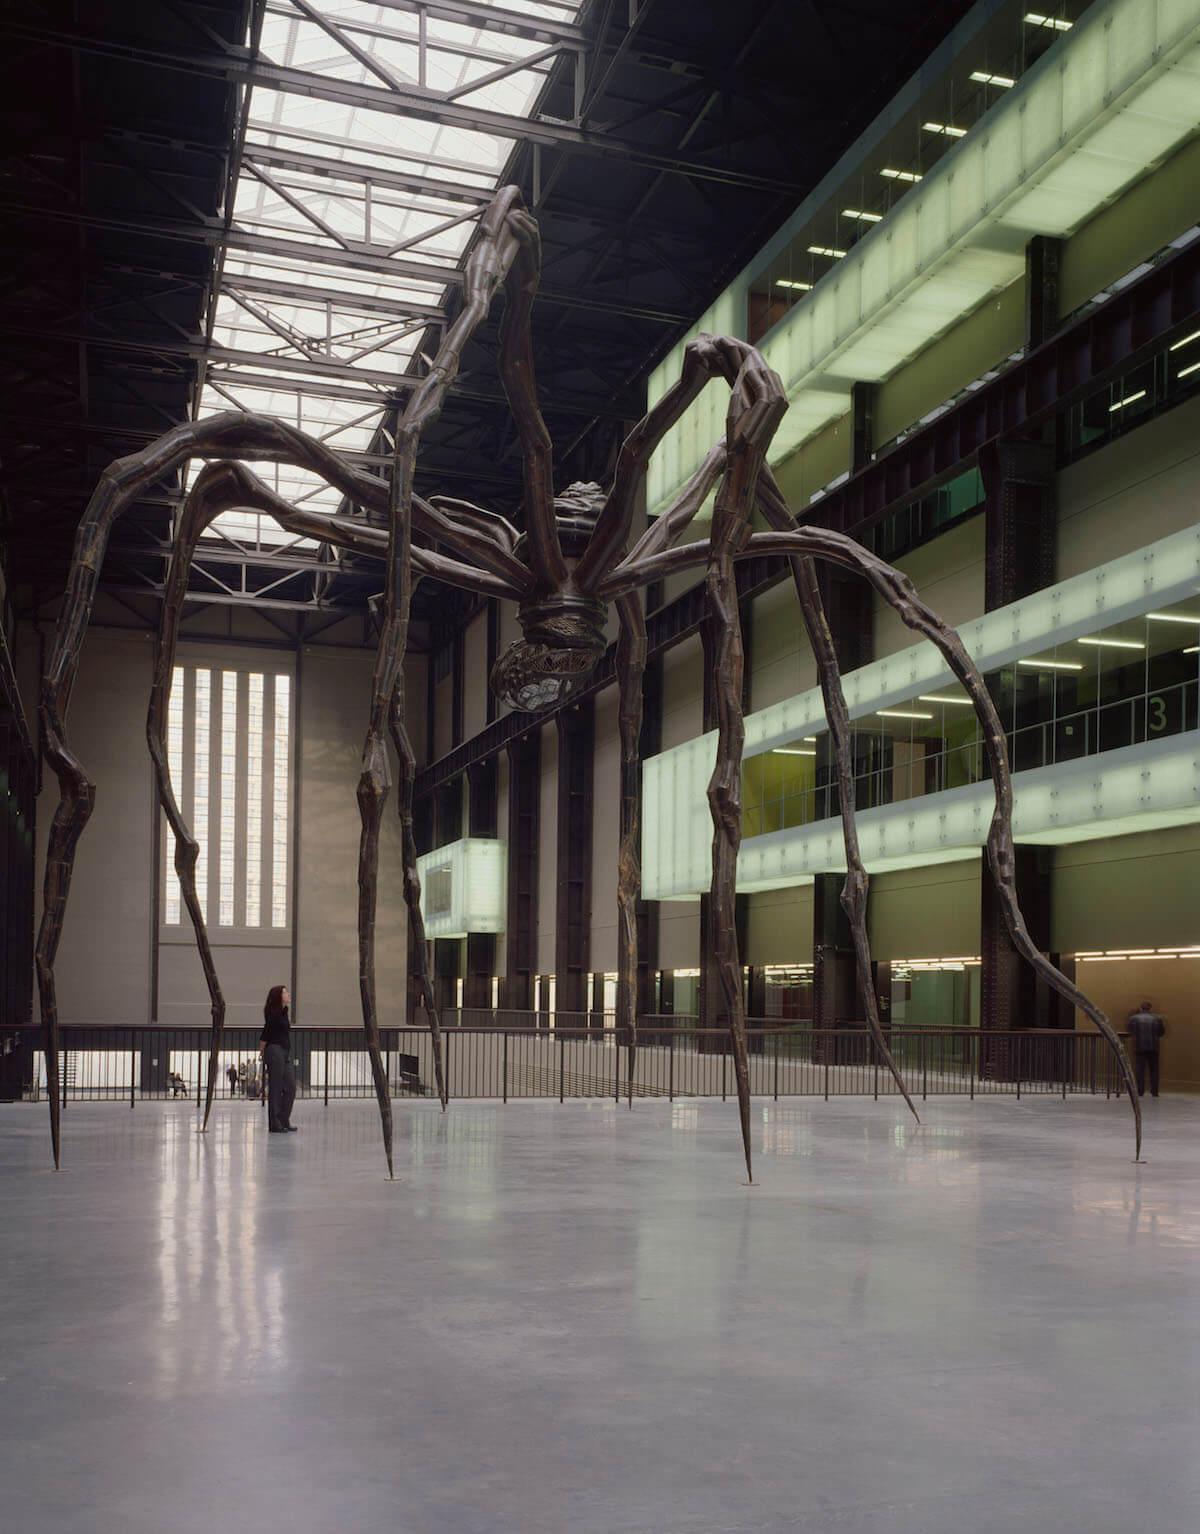 Ahora puedes visitar más de 2.500 museos alrededor del mundo desde tu casa durante la cuarentena